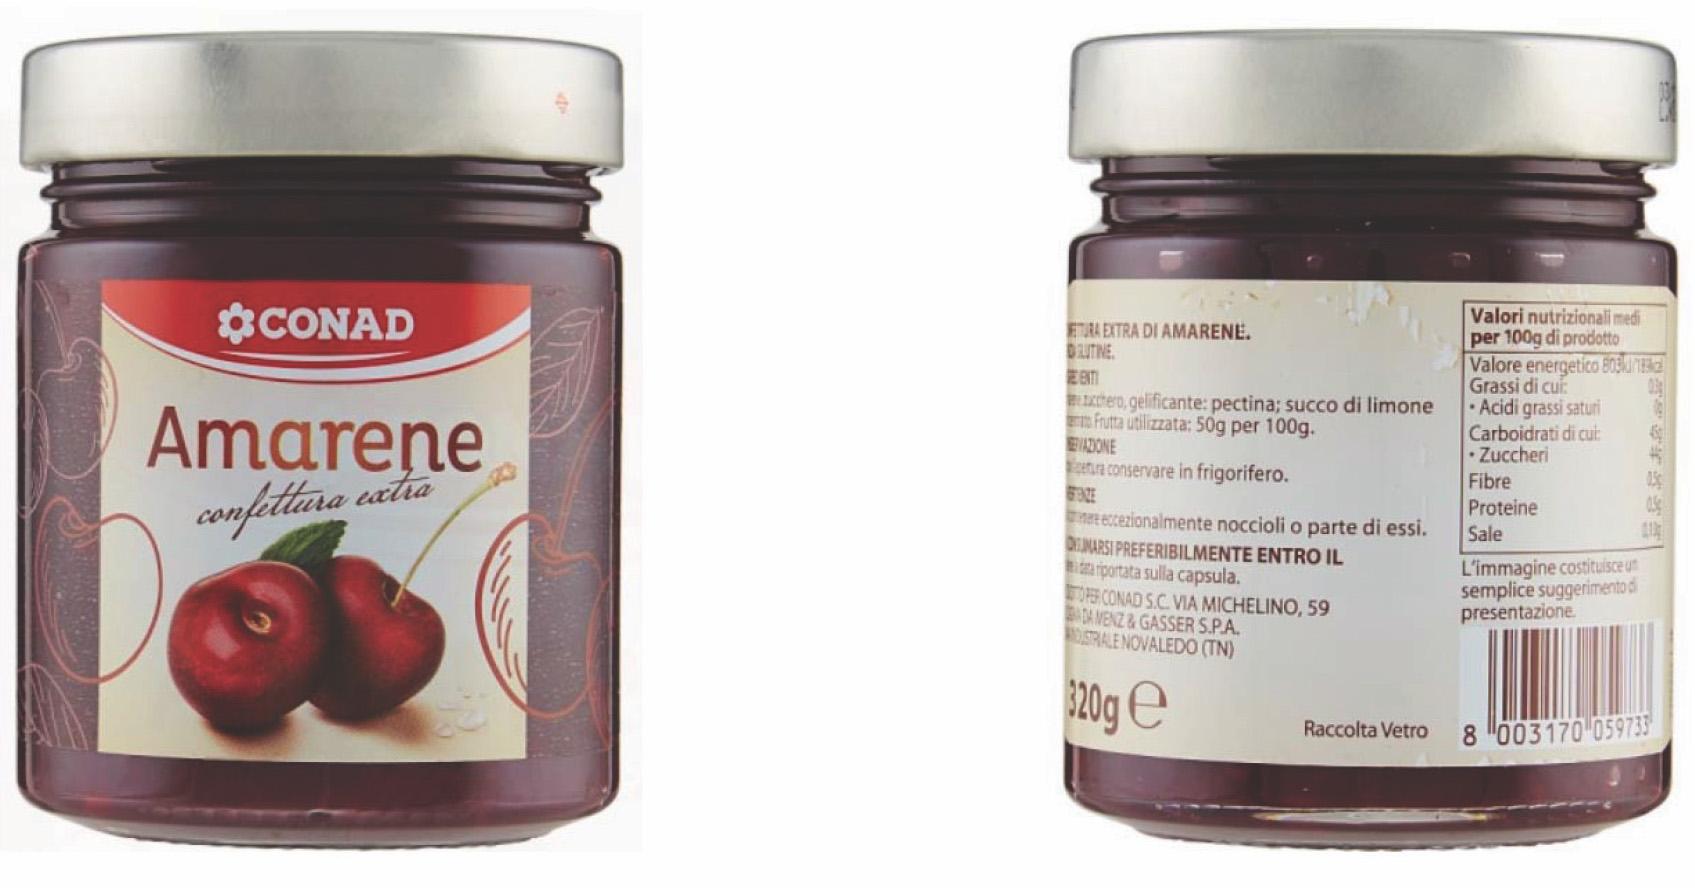 CONAD richiama confettura extra di amarene: possibili rischi per allergici